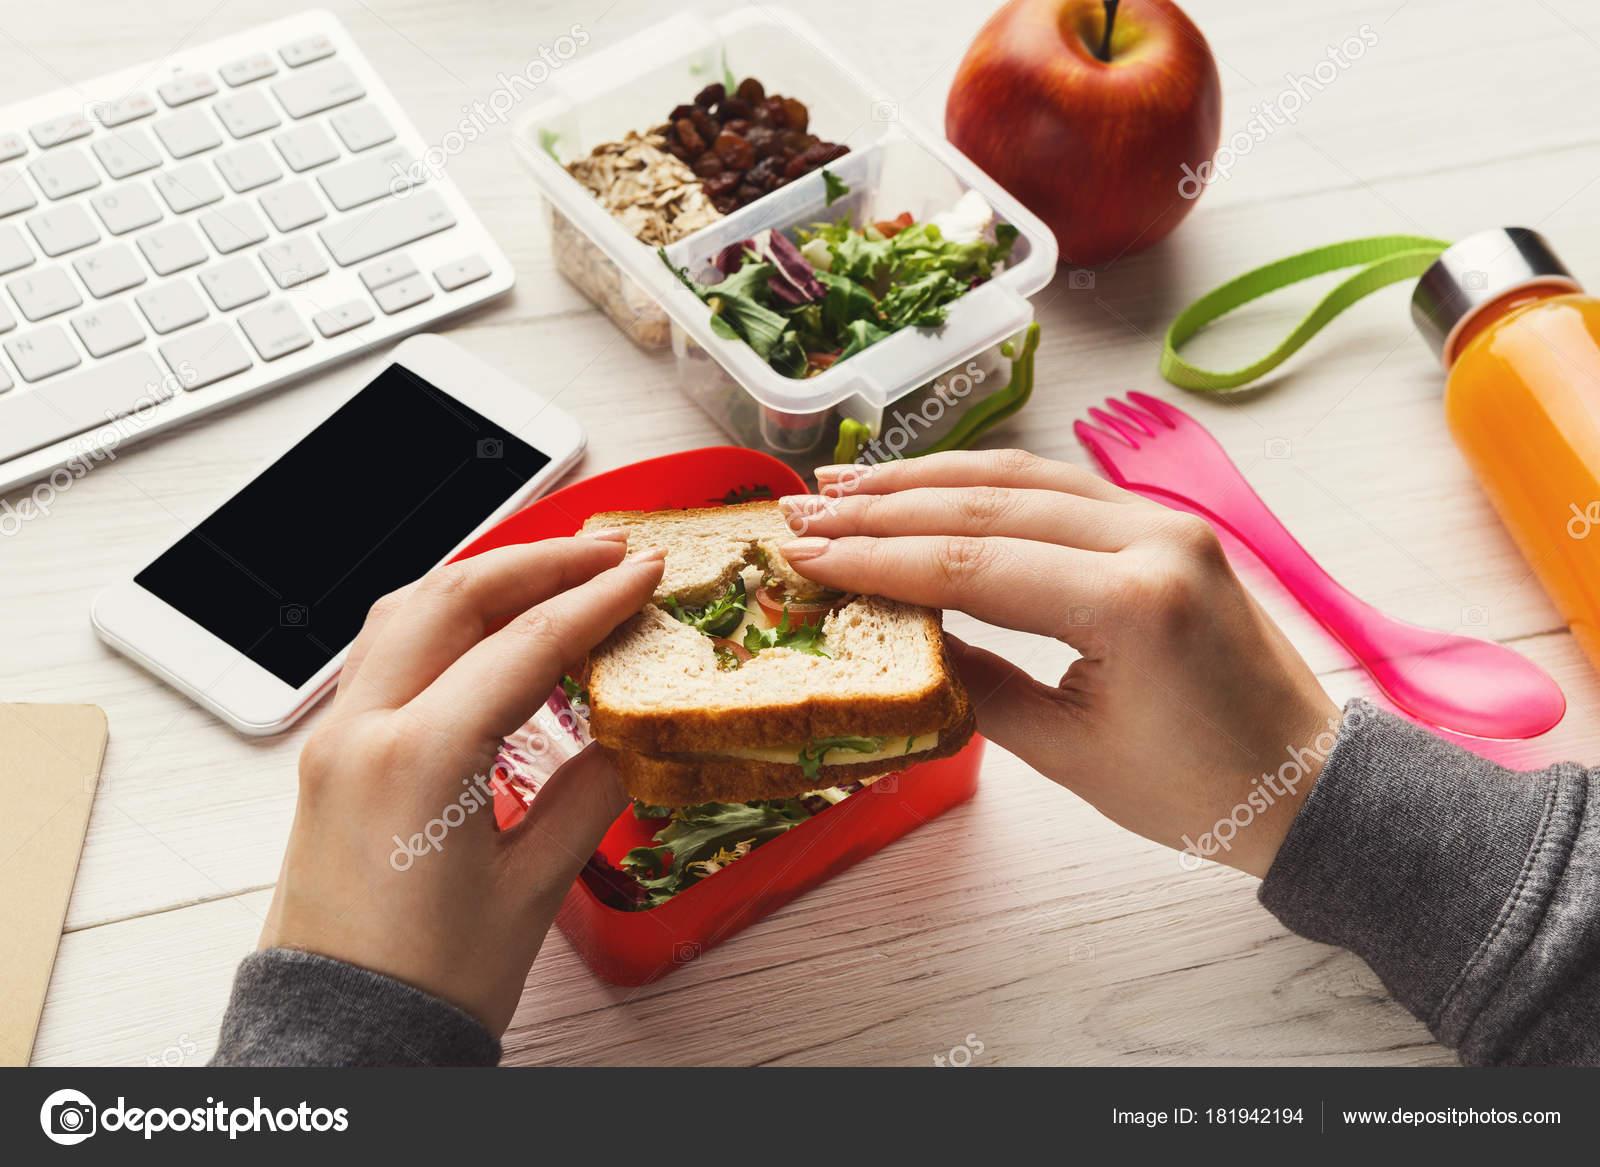 Pranzo Ufficio Vegano : Donna che mangia panino sano dalla scatola di pranzo al suo tavolo